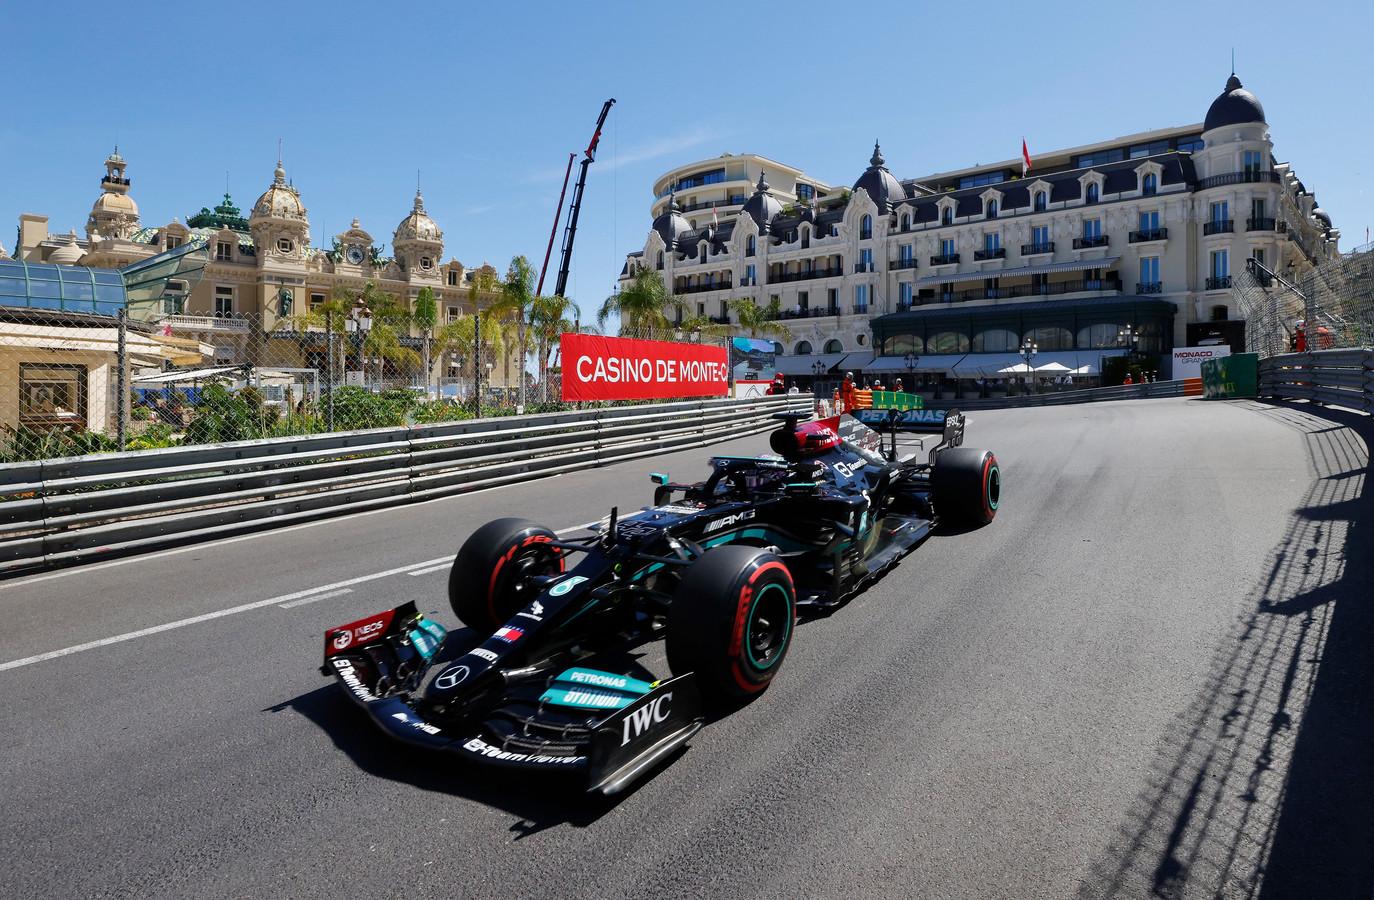 Mercedes-coureur Lewis Hamilton in actie tijdens een vrije training voor de Grand Prix van Monaco.